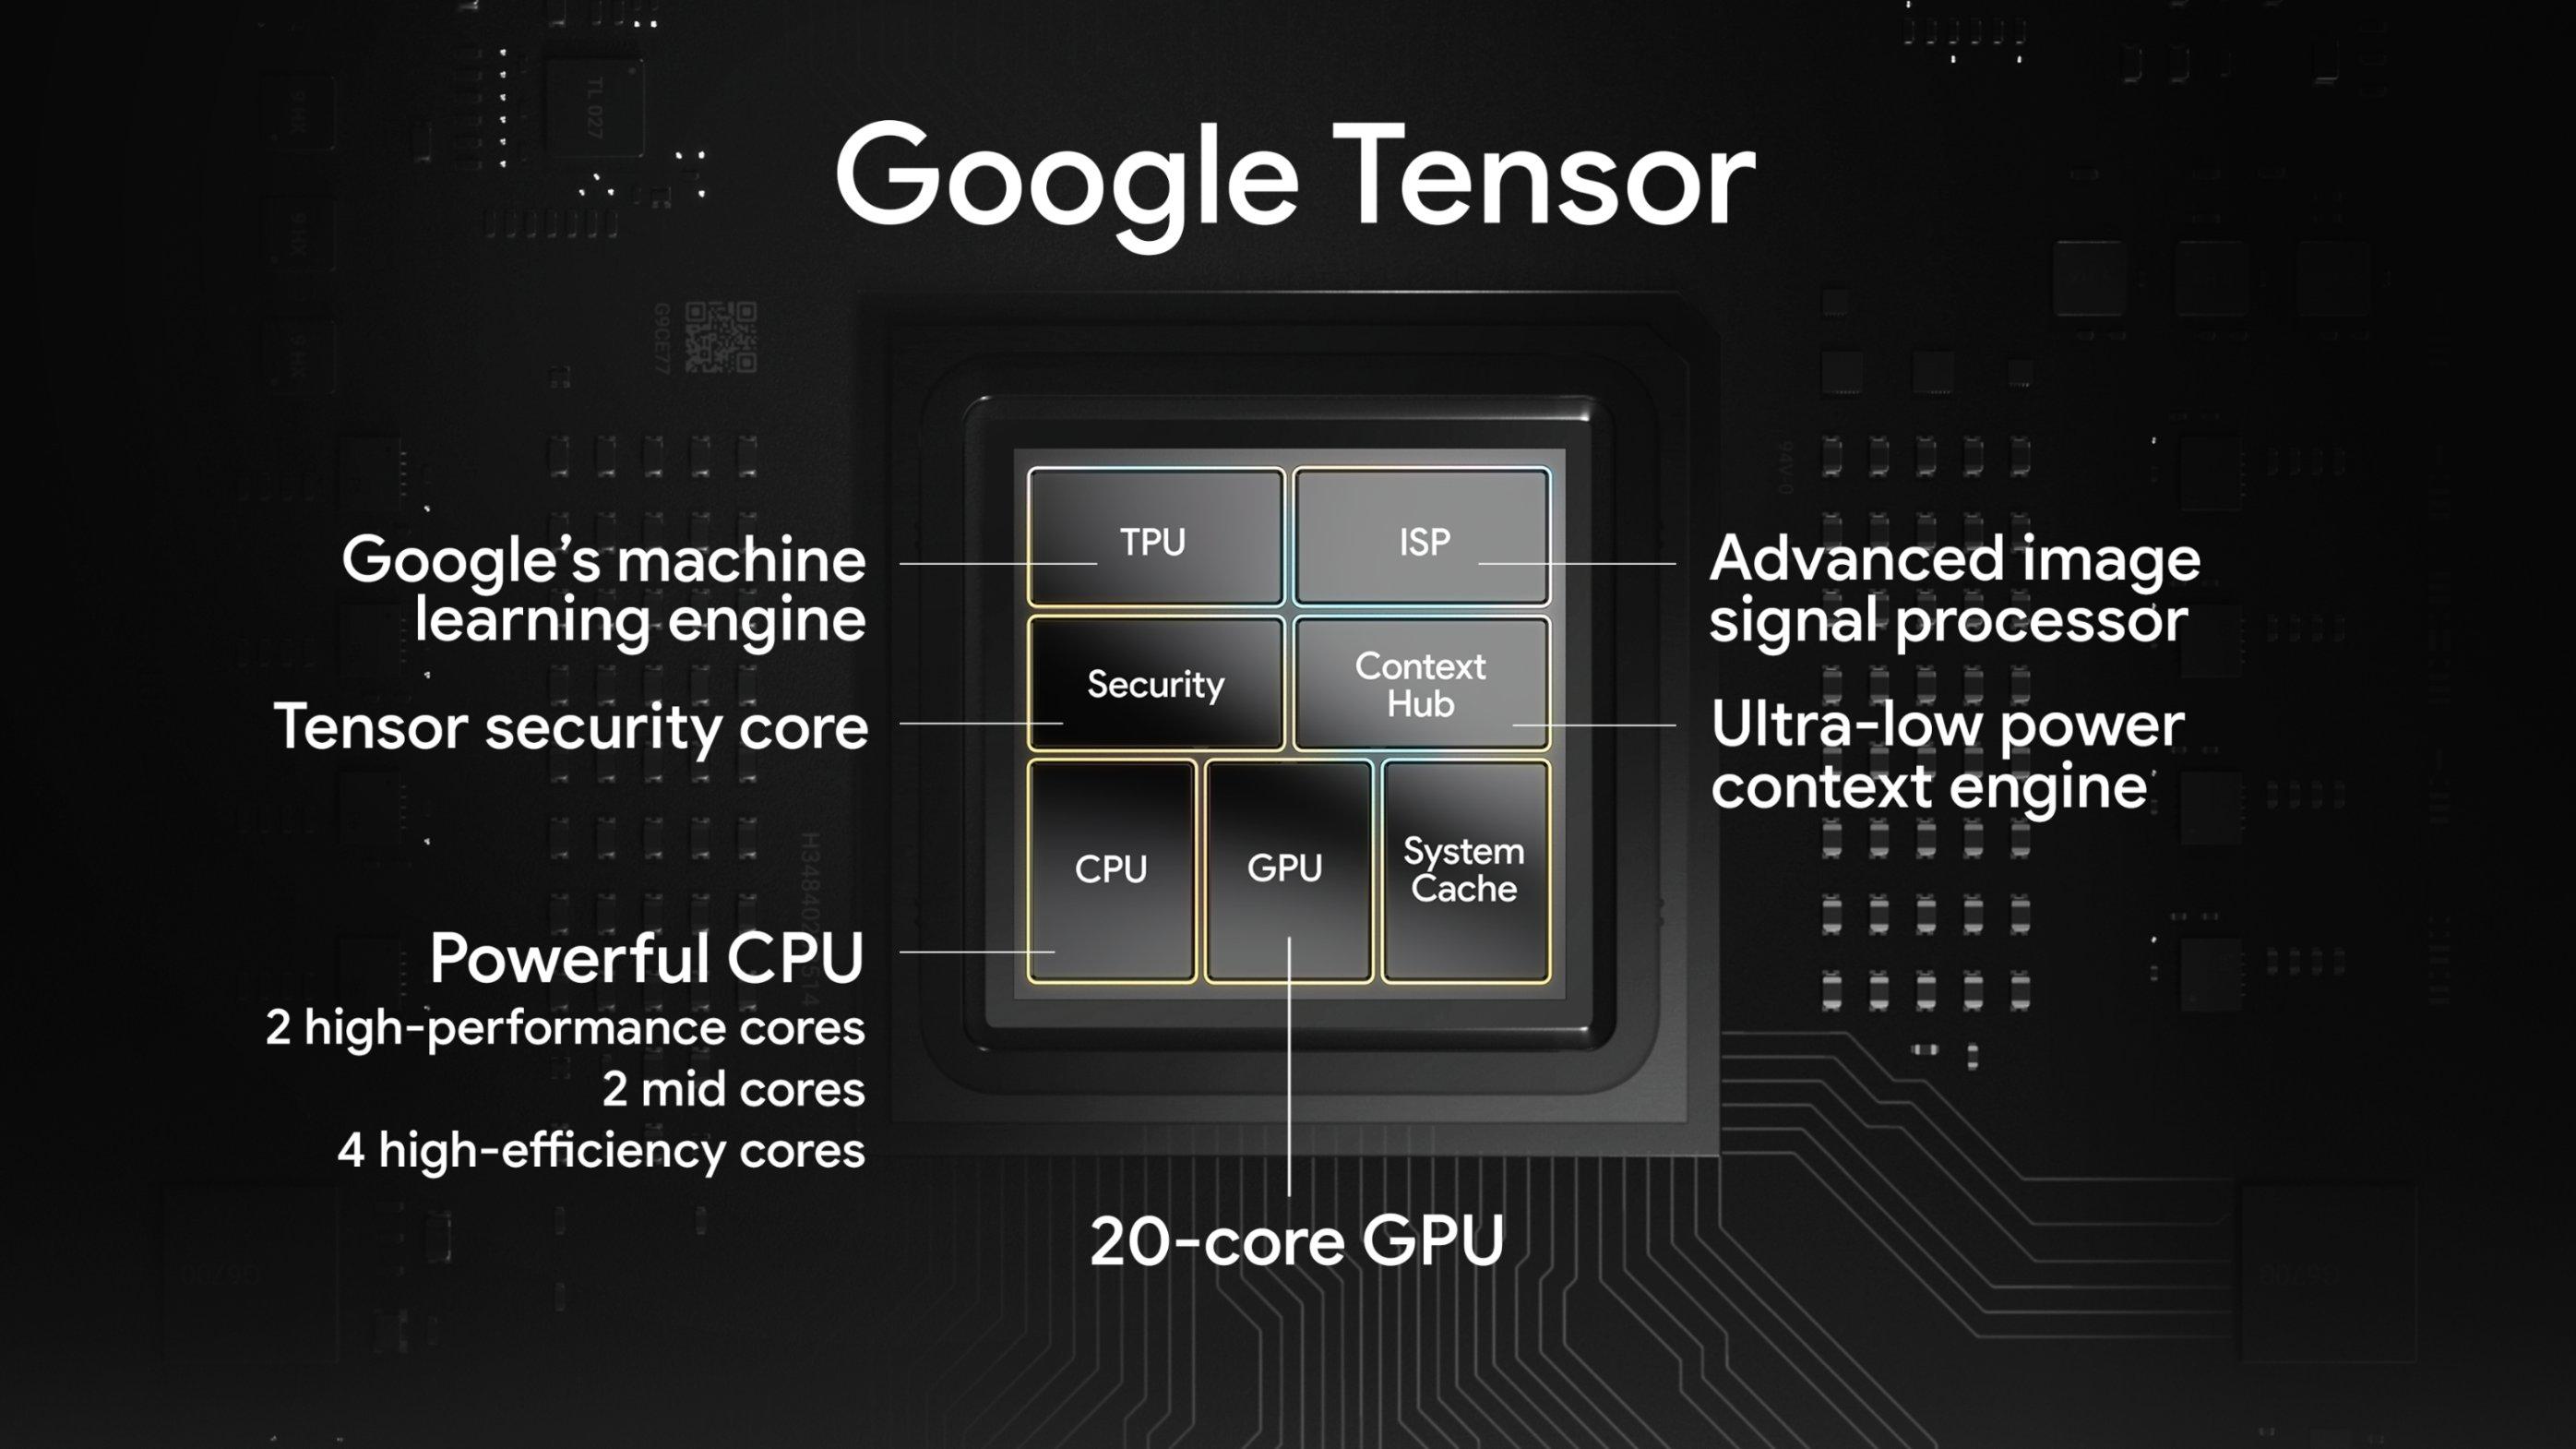 计算摄影+智能通话,Google 首款自研芯片 Pixel 有哪些新看点?